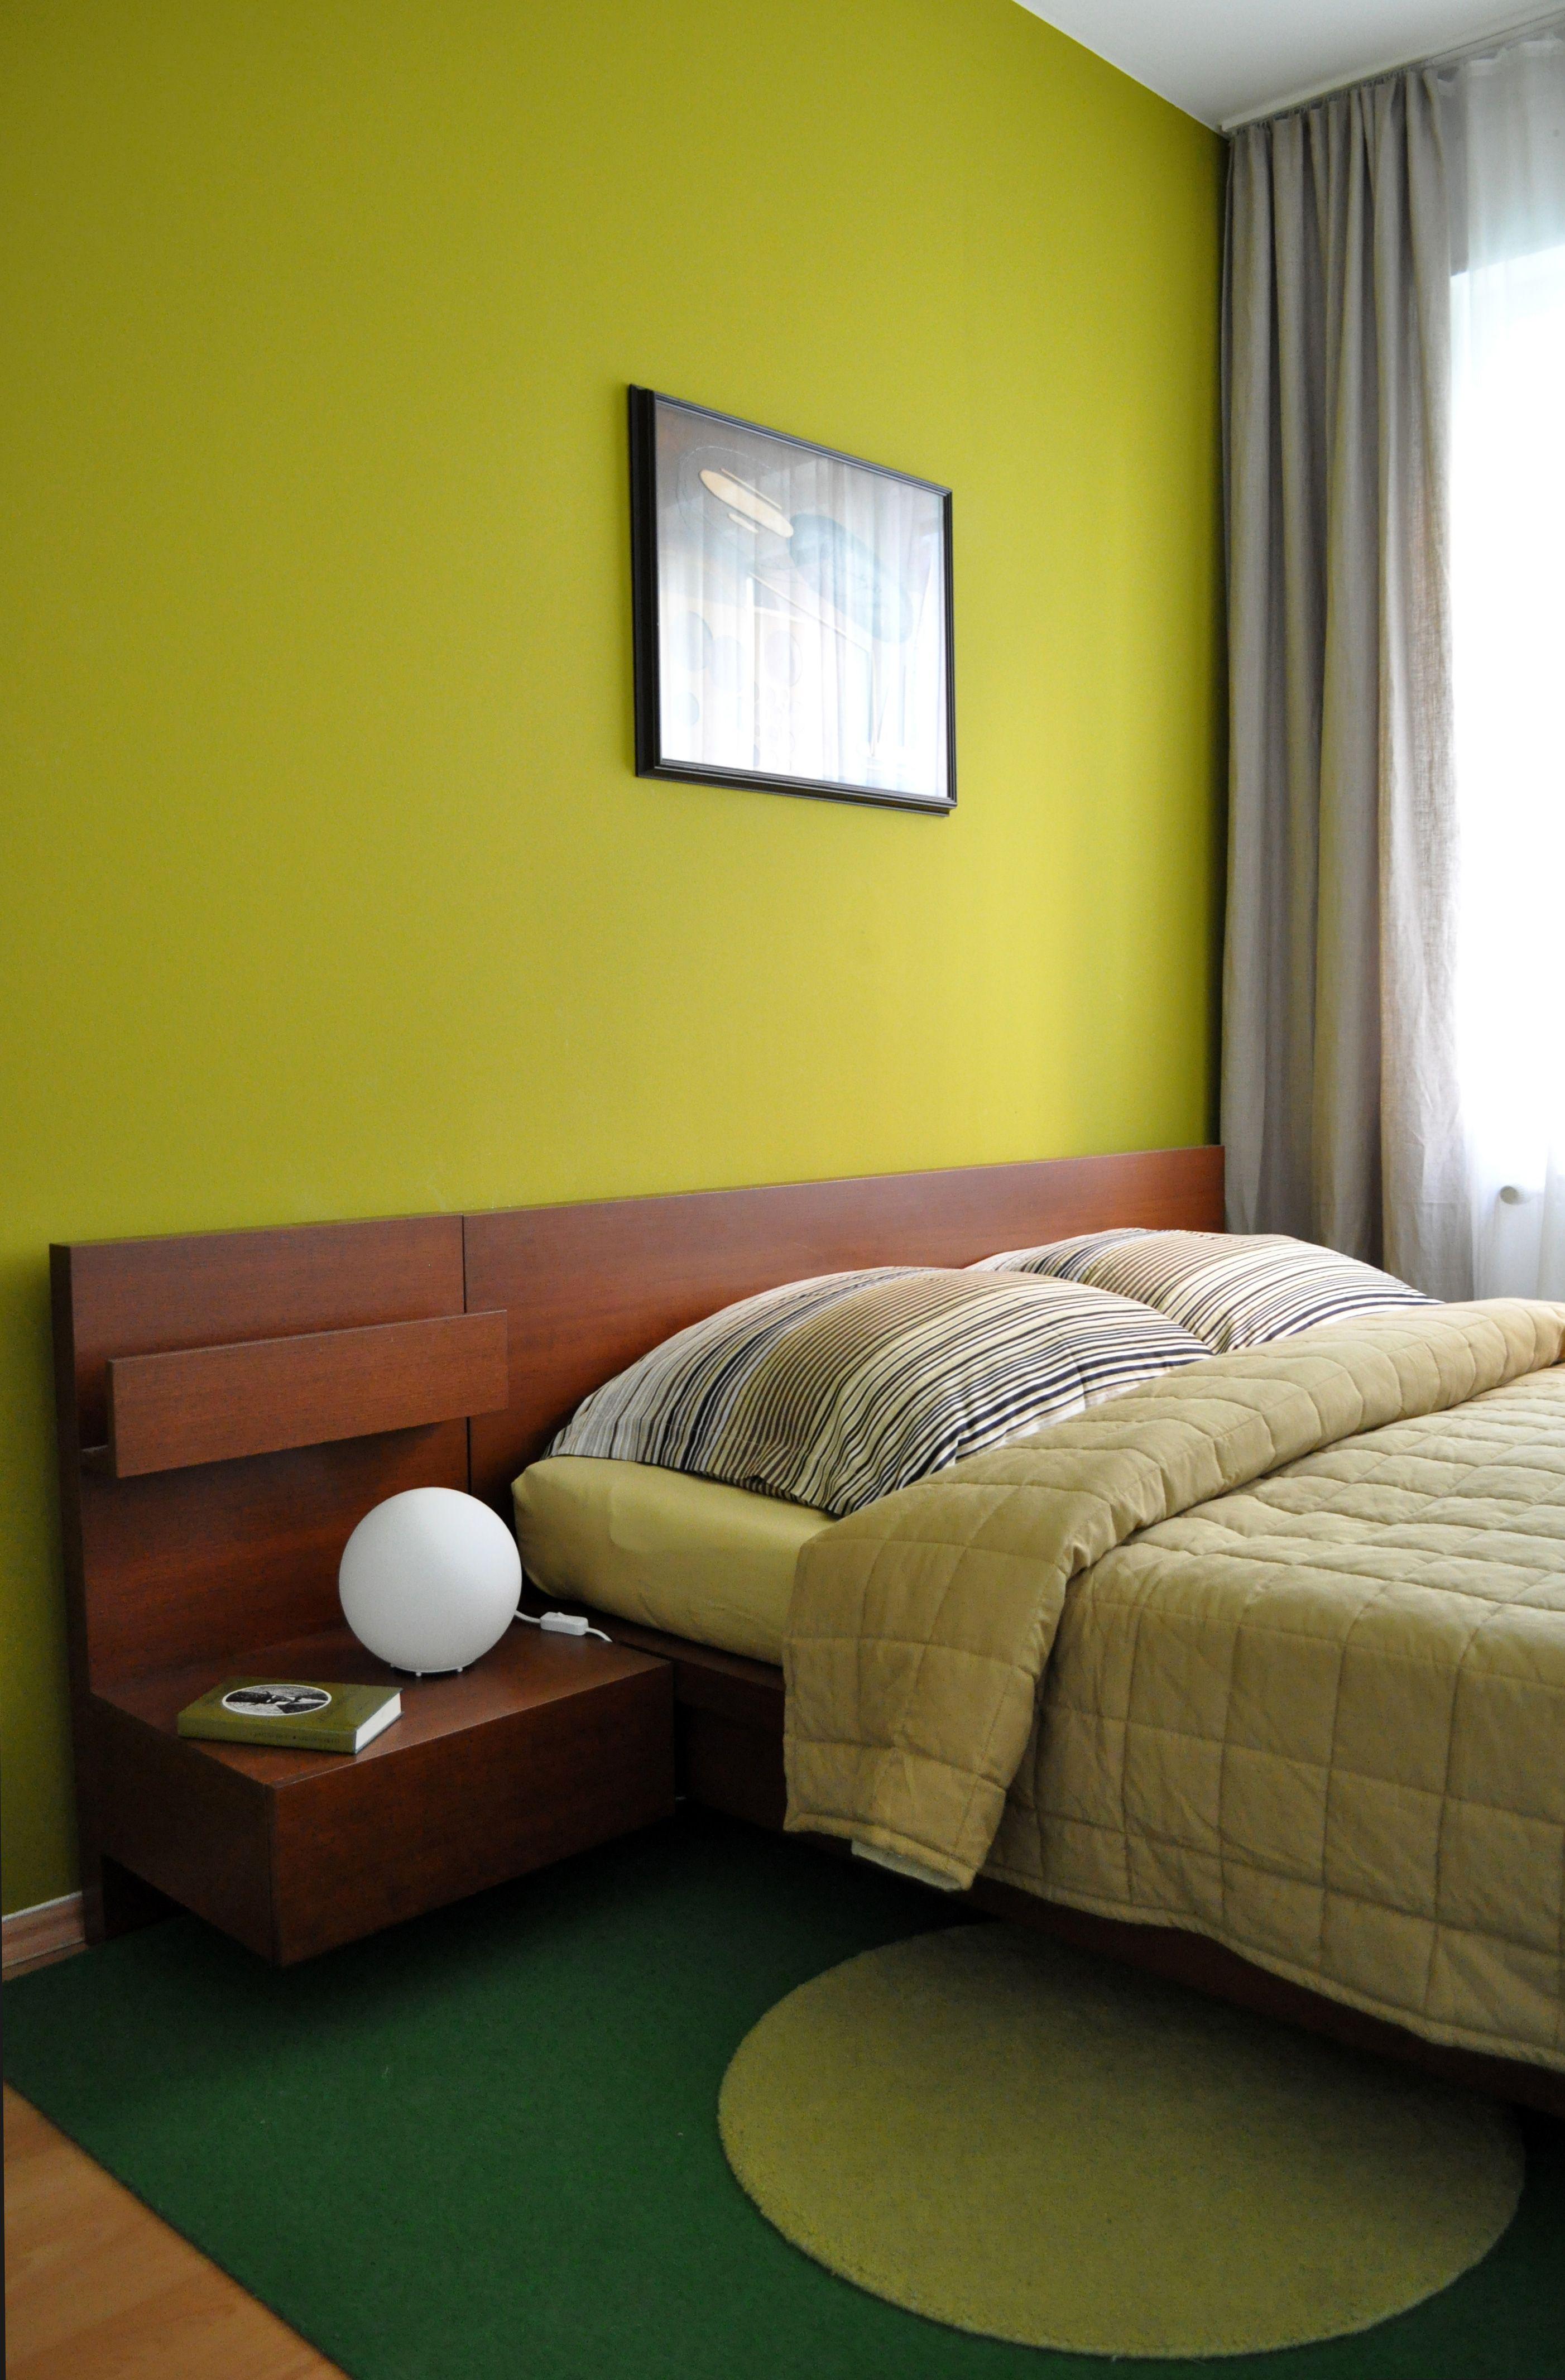 Schlafzimmer Bedroom Grün Ferienwohnung Berlin Moabit